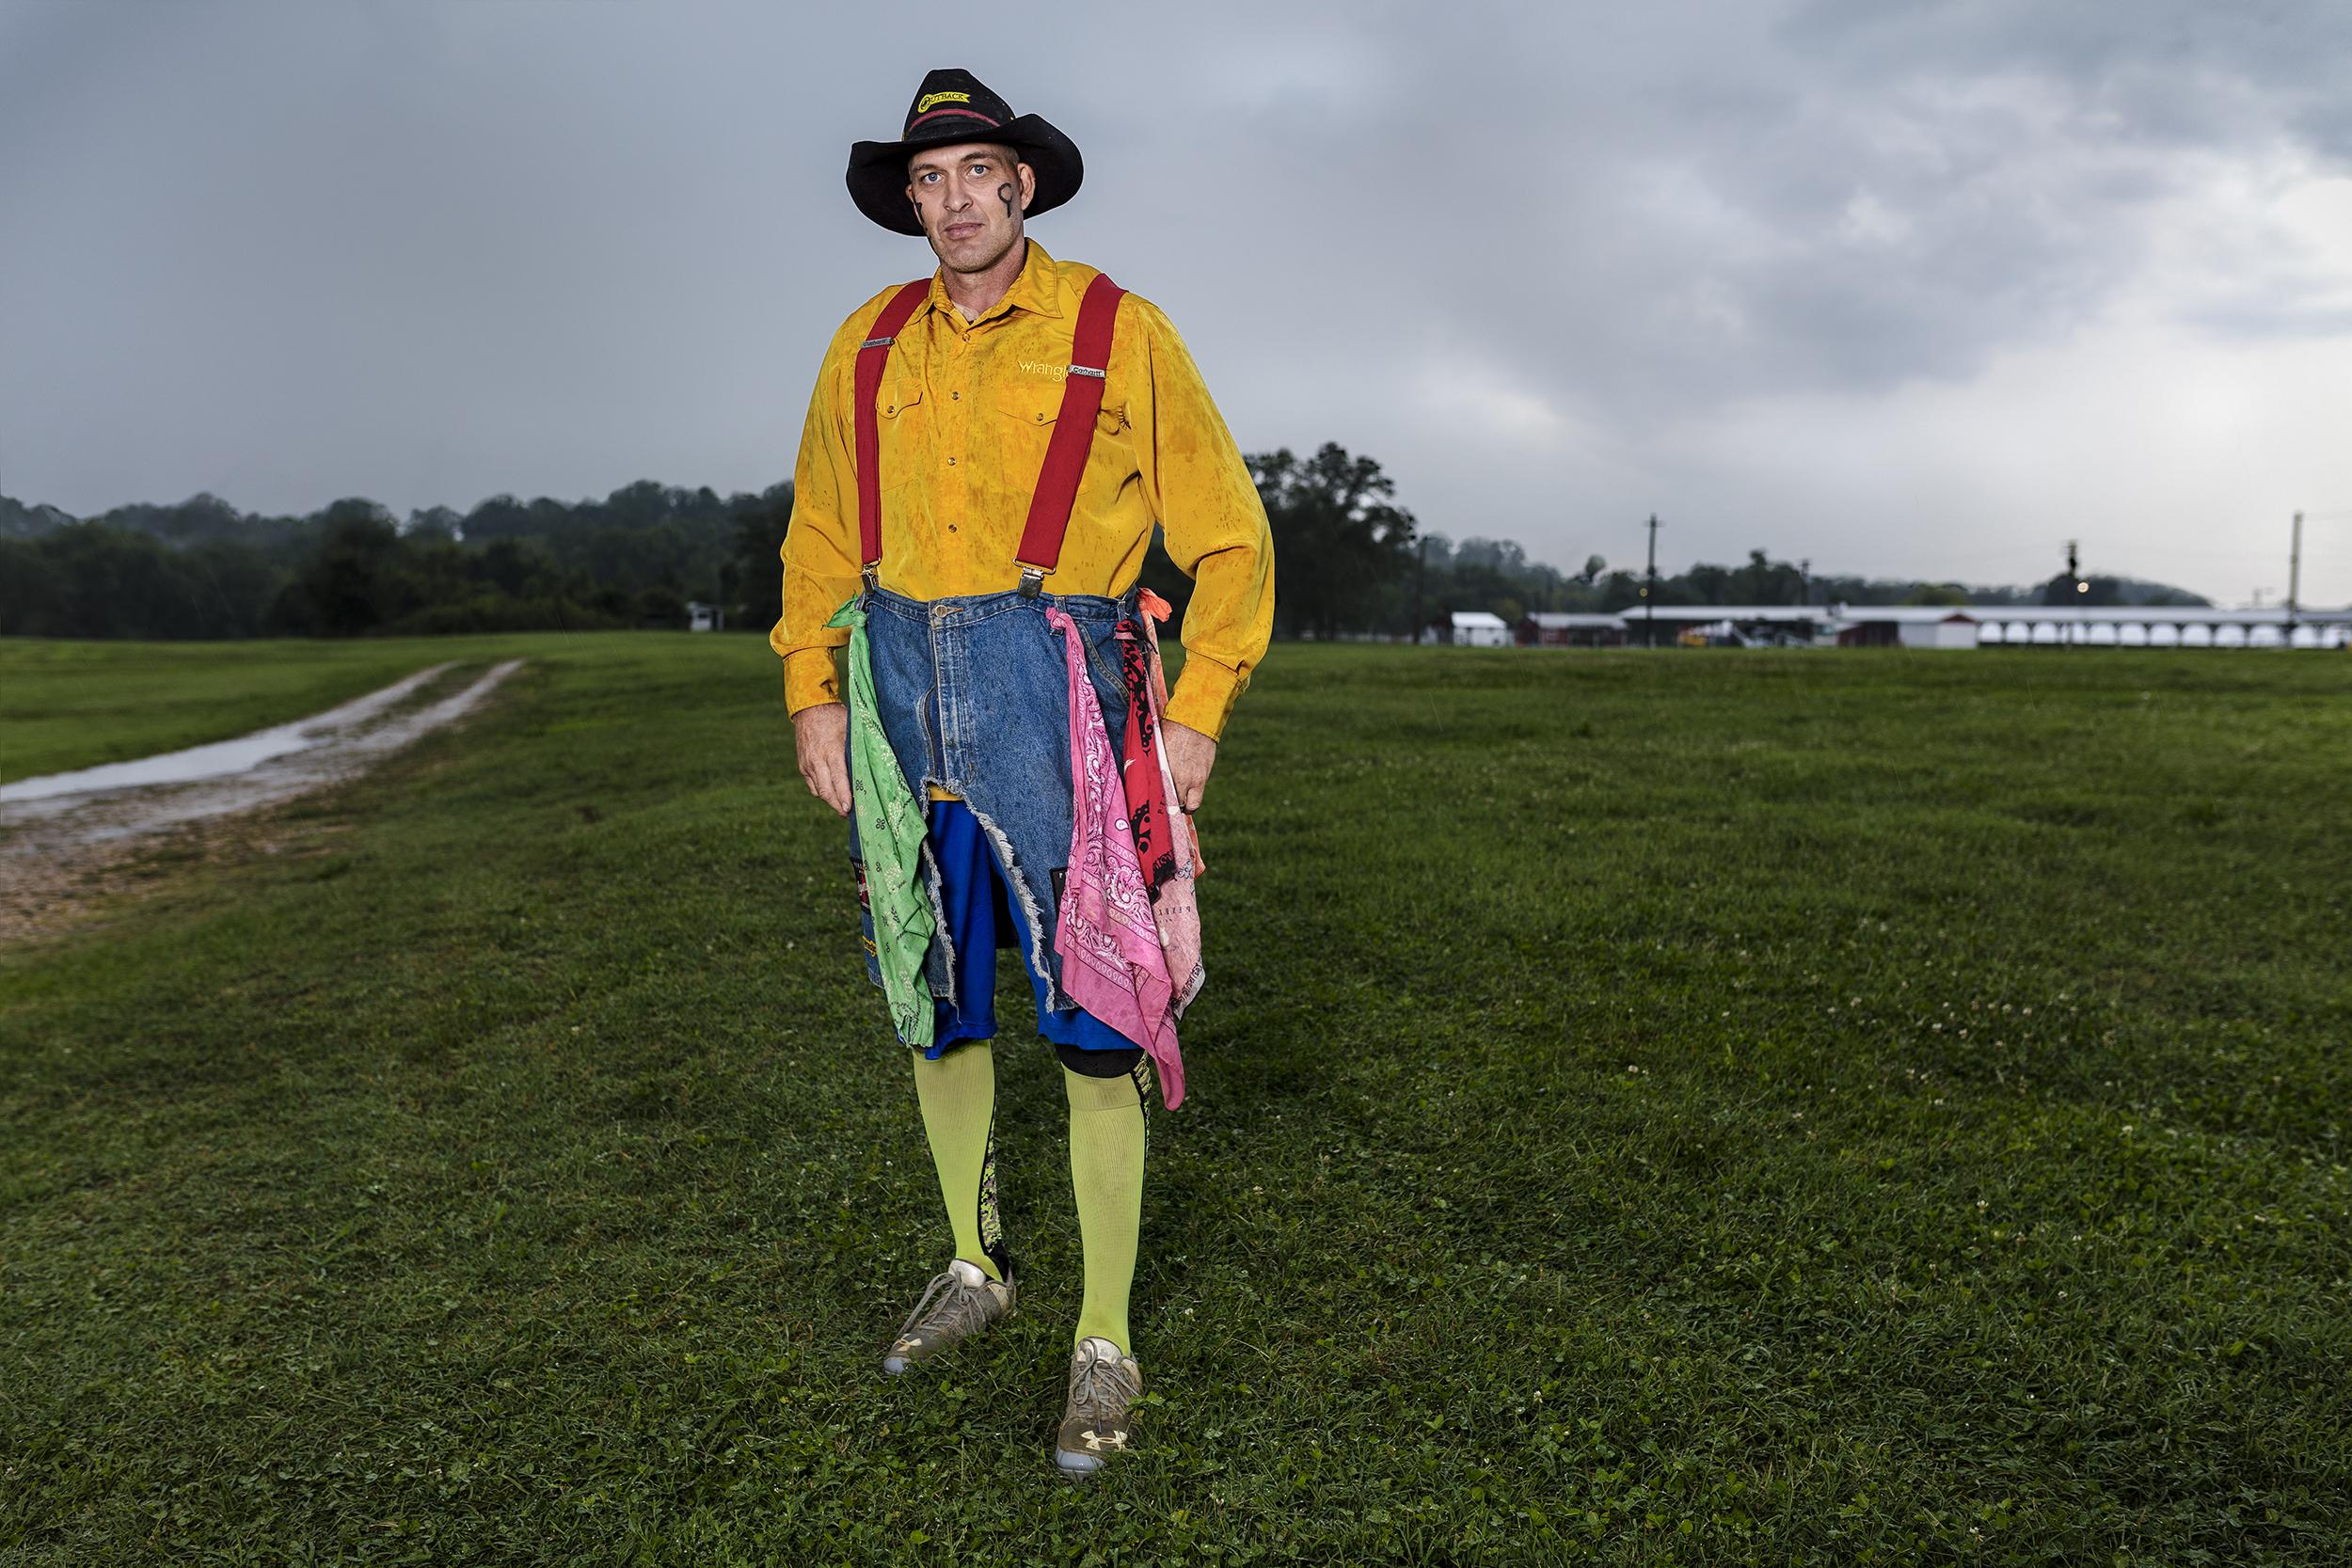 Clown_Matador_Img_5034_Final_WEB.jpg